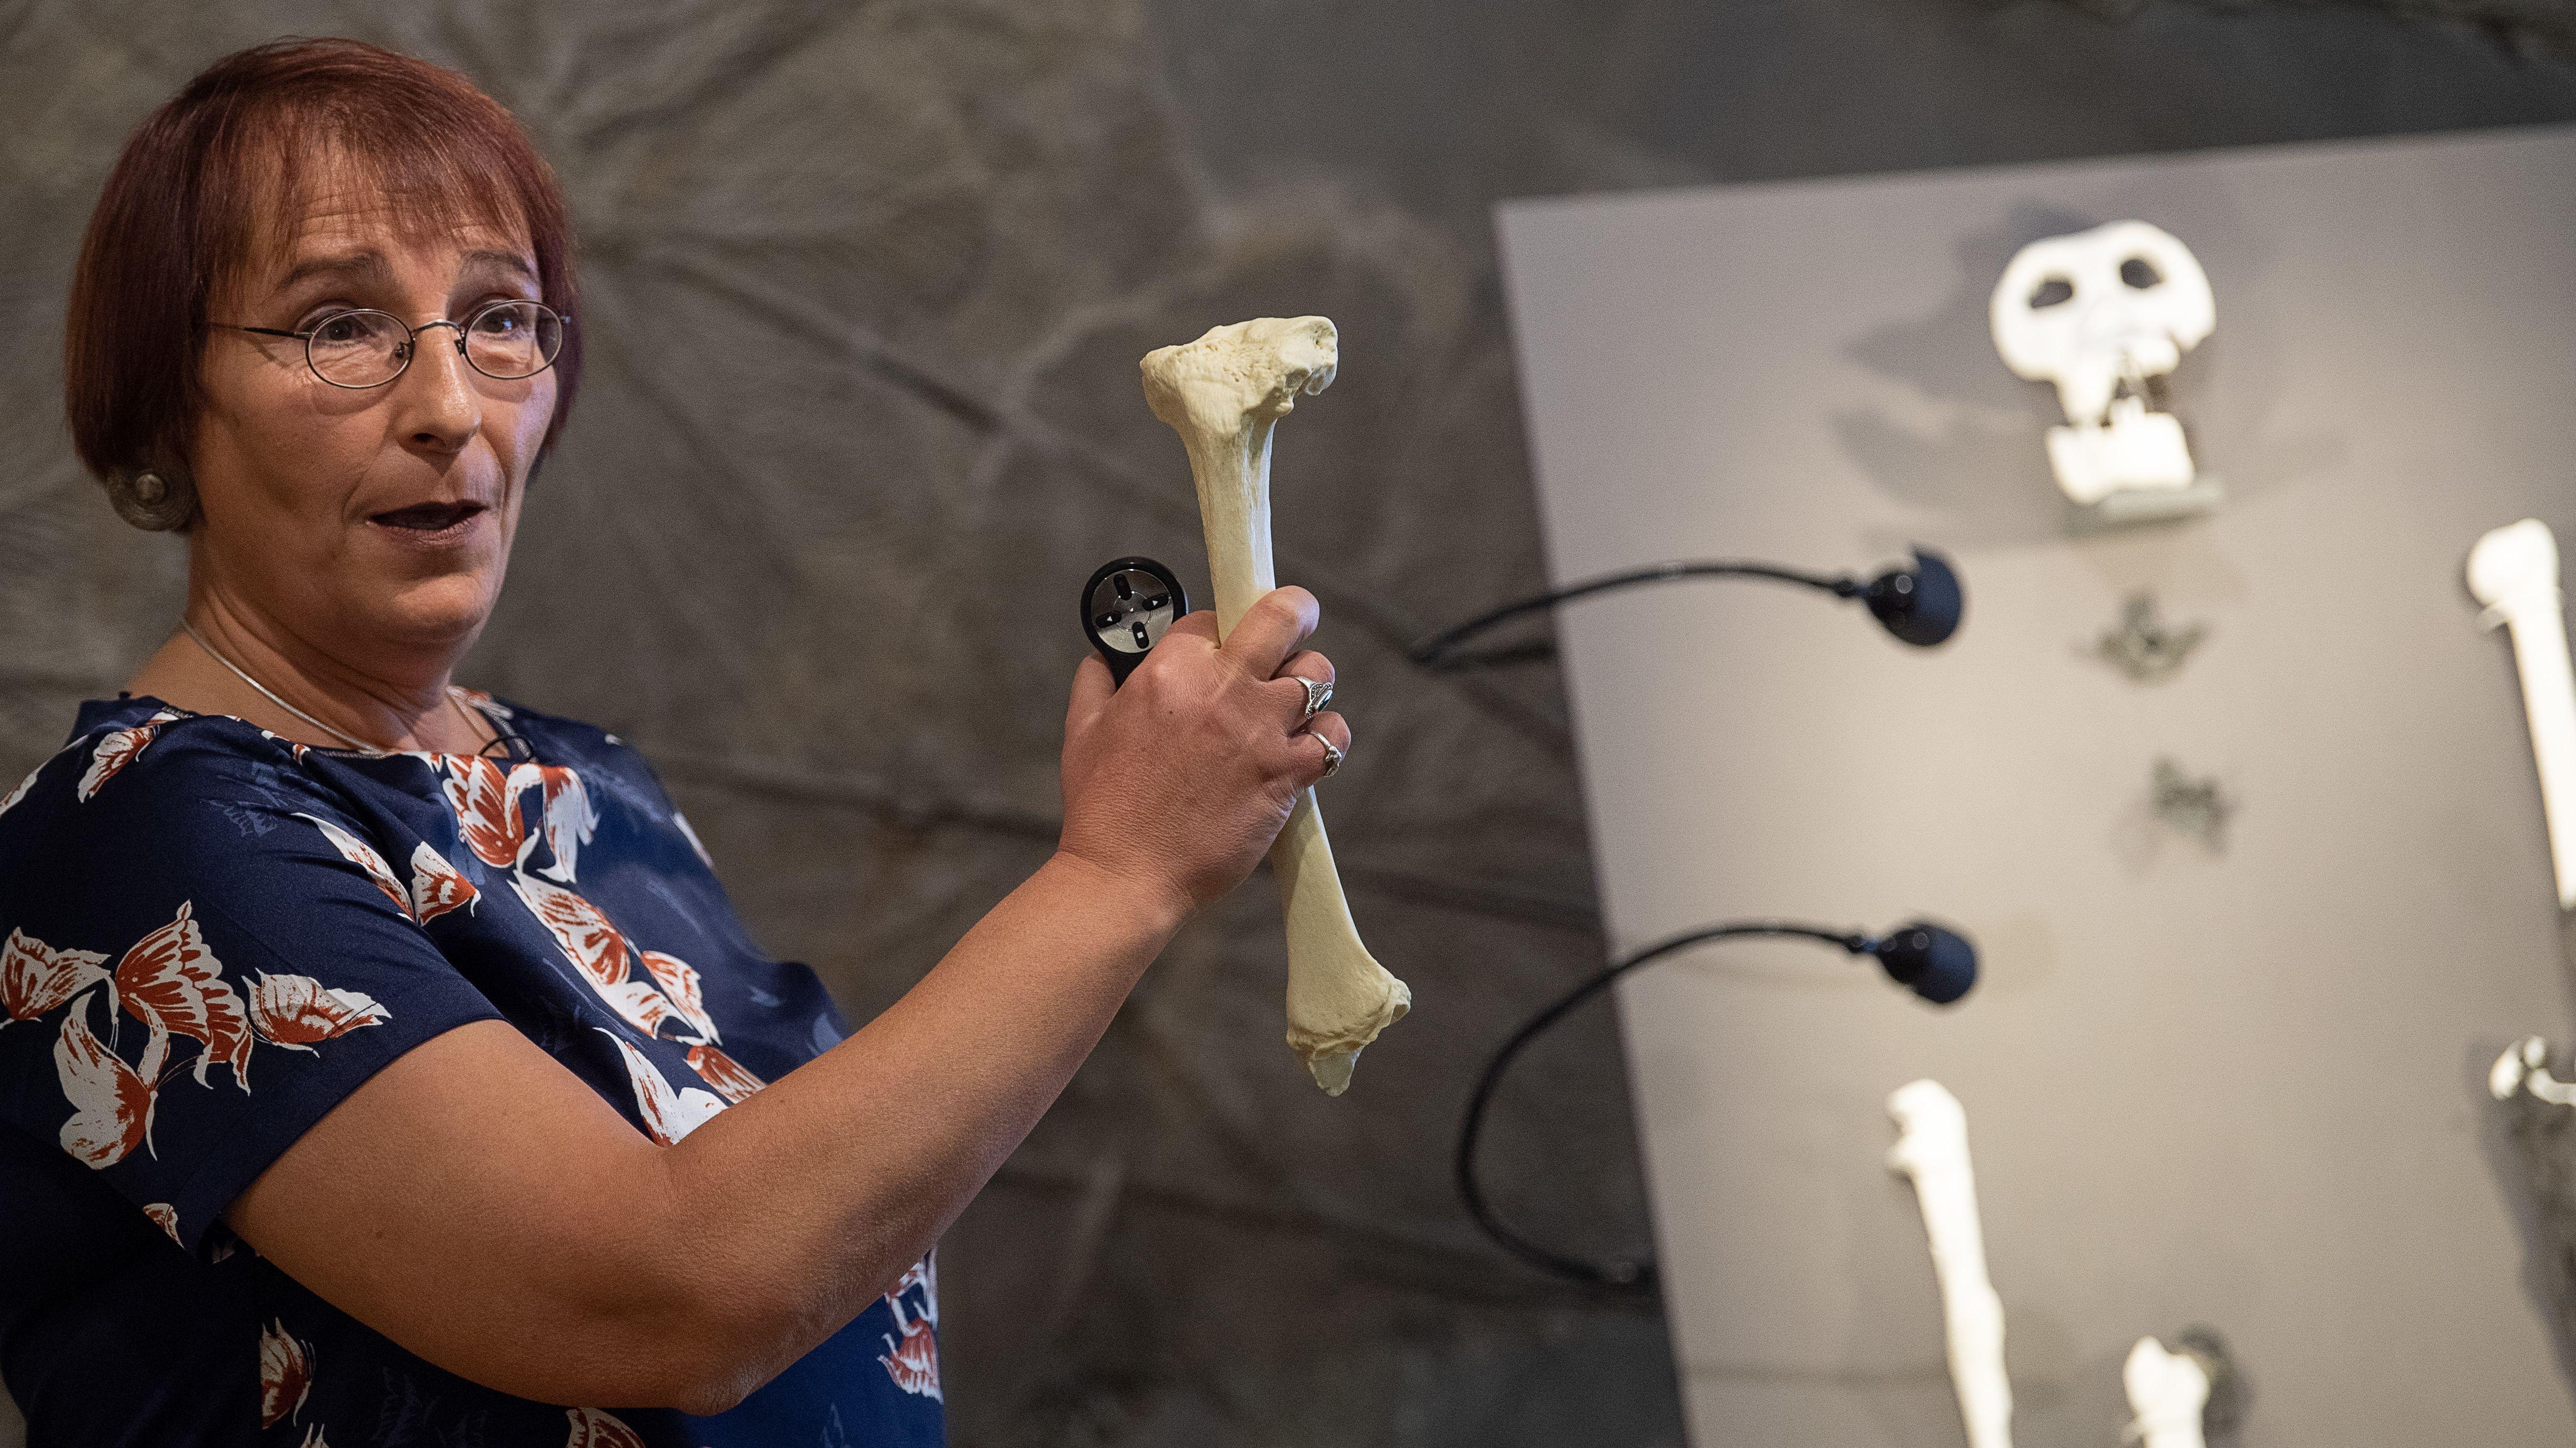 Noch aufschlussreicher war allerdings das Knochengerüst des Menschenaffen - etwa Überreste von Hüft- und Kniegelenken.